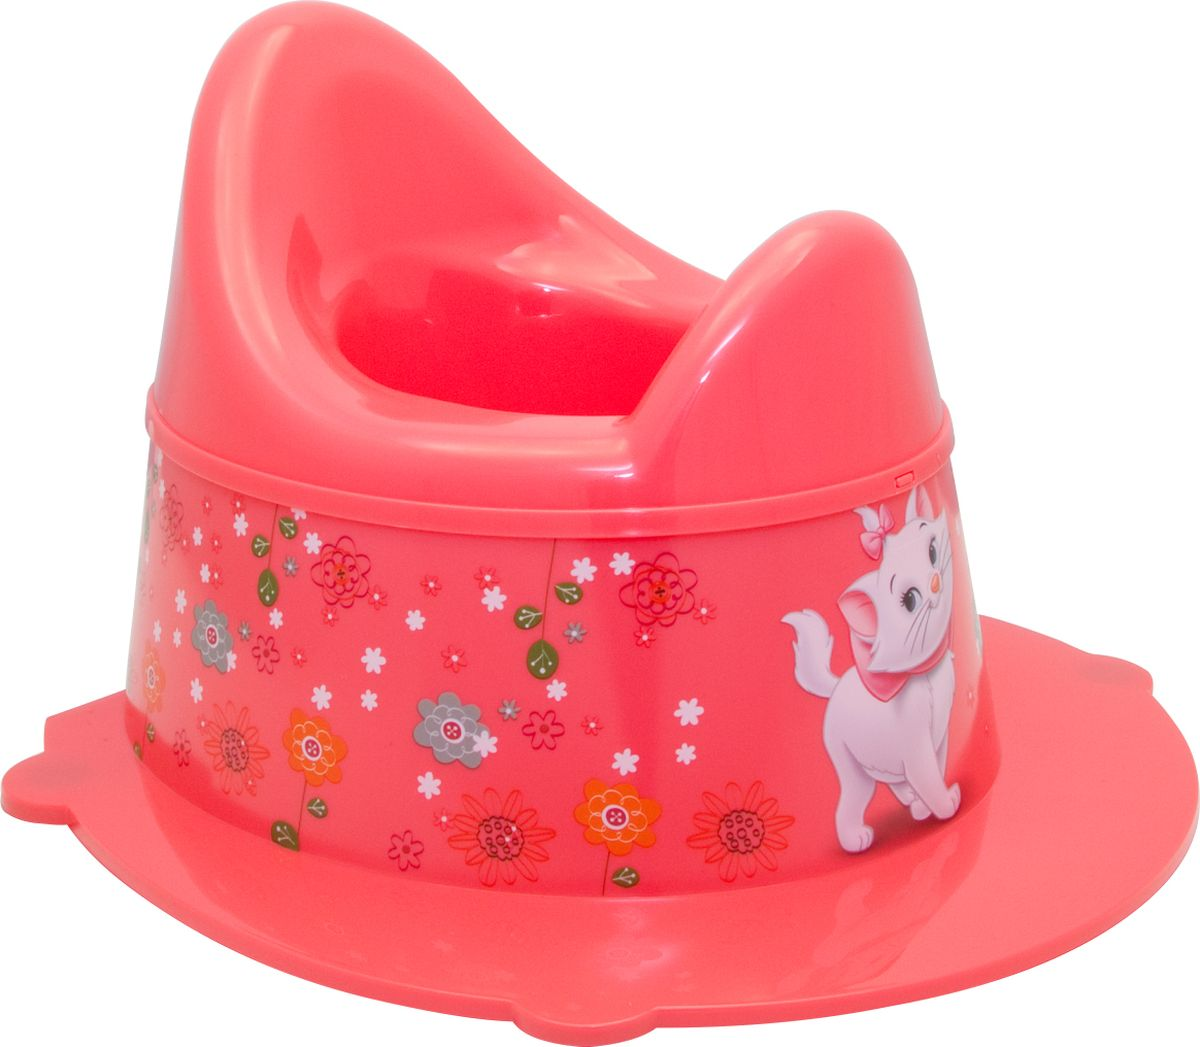 Disney Горшок детский Деко цвет коралловый -  Горшки и адаптеры для унитаза